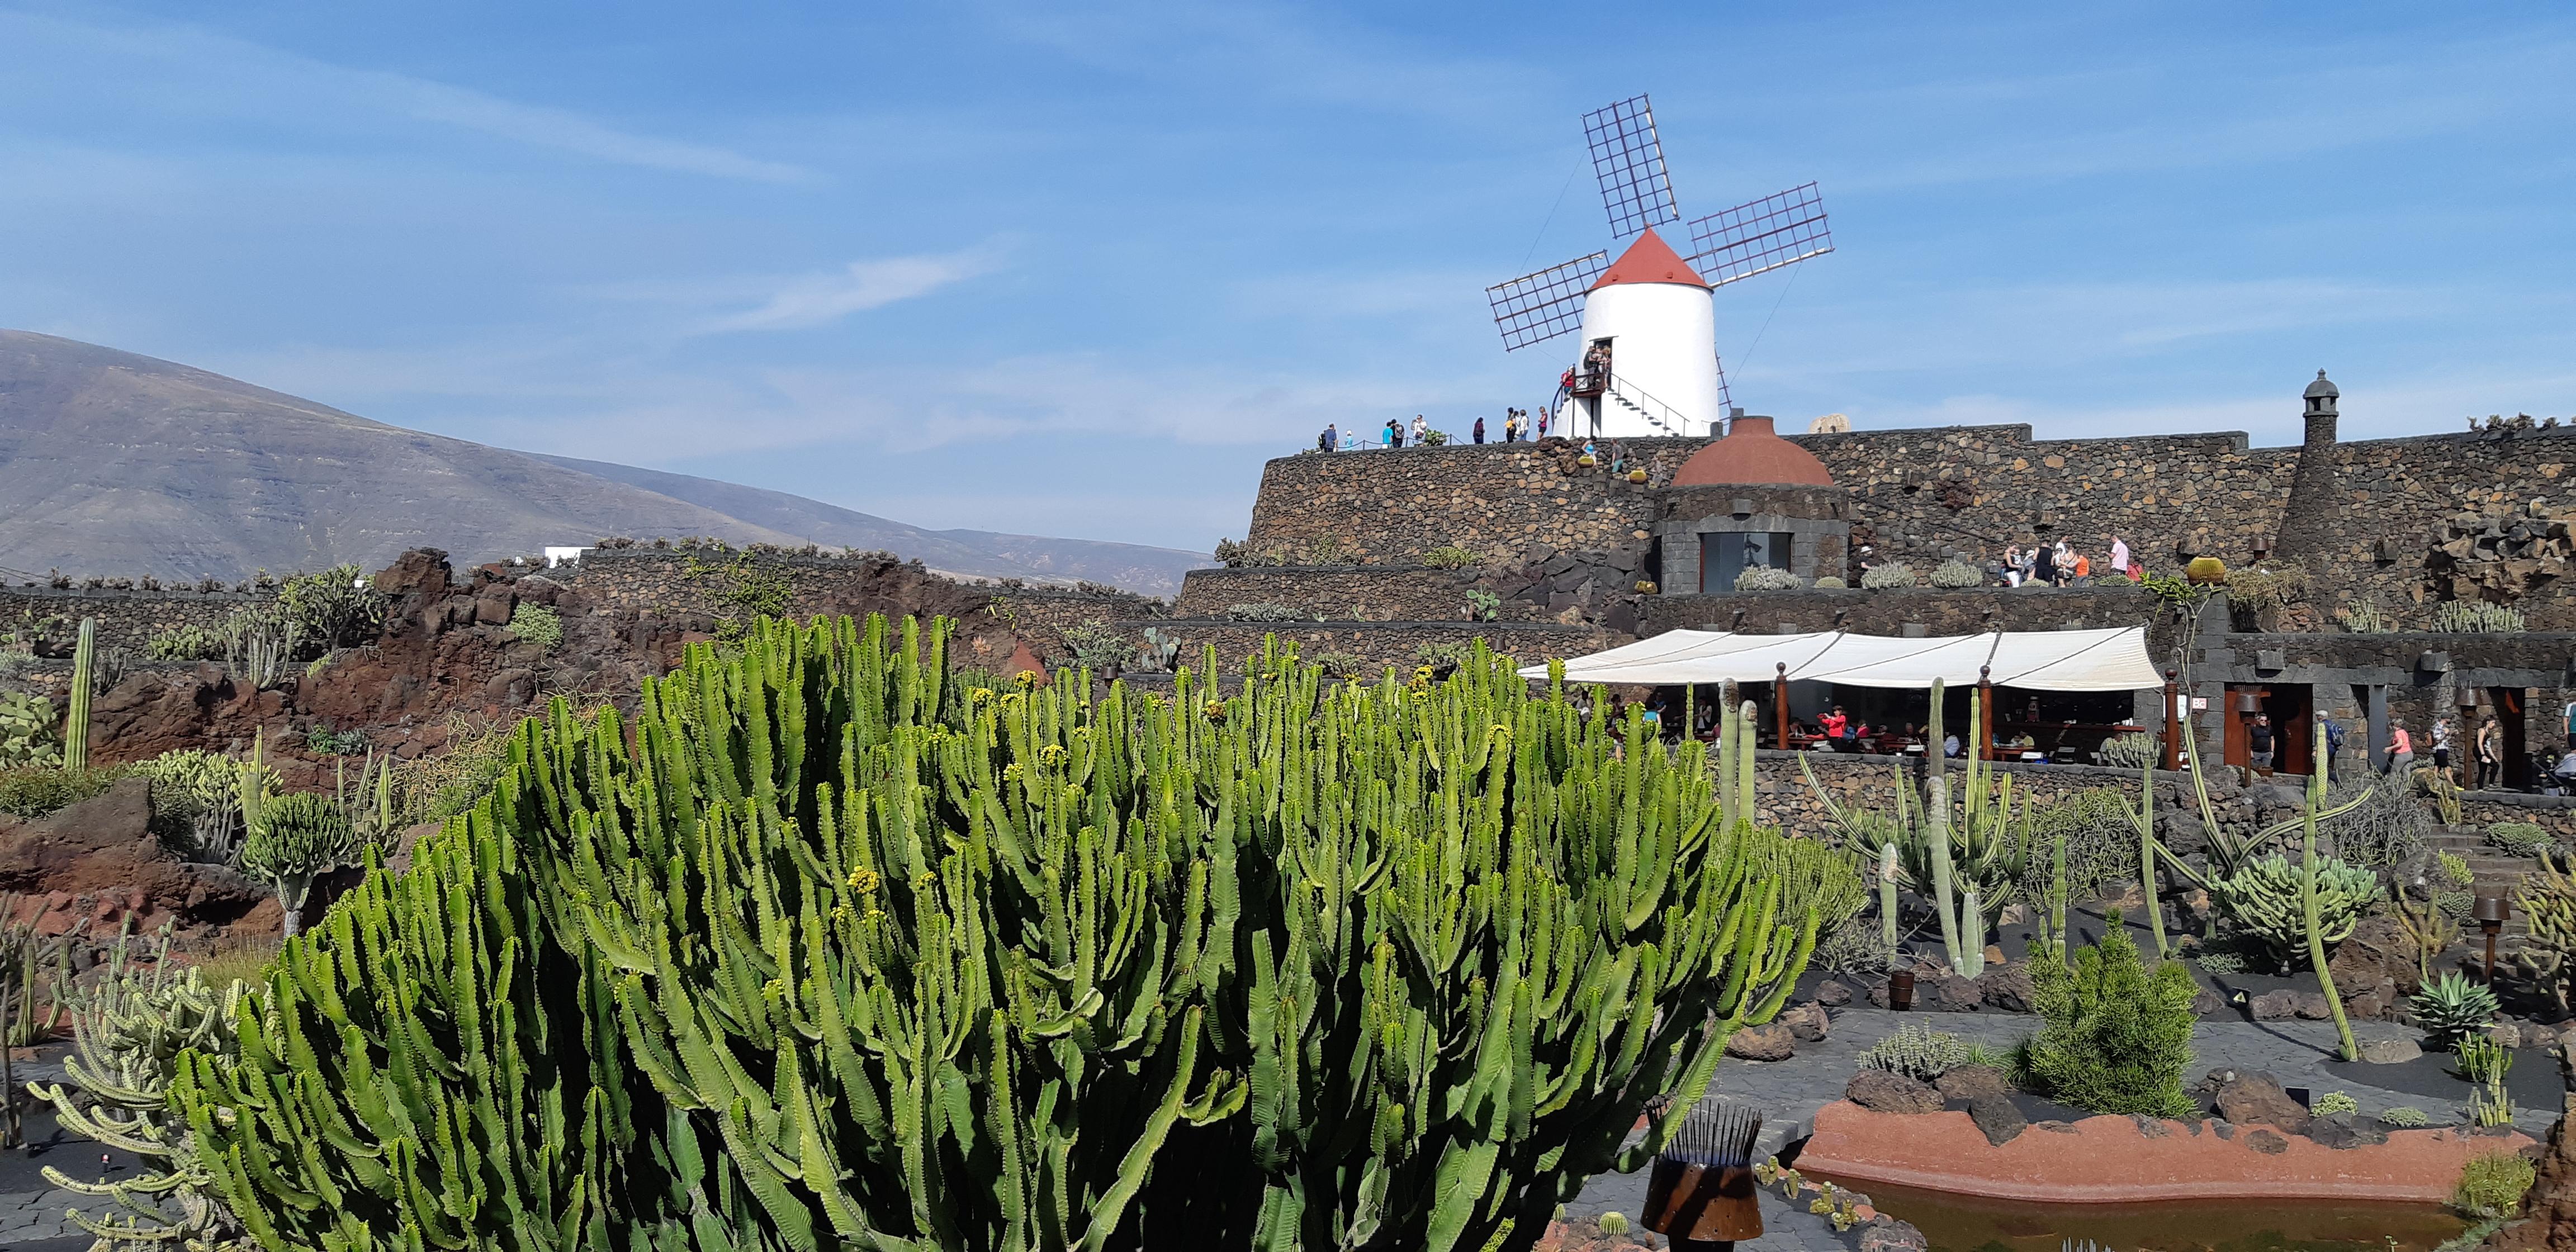 jardine de cactus - lanzarote